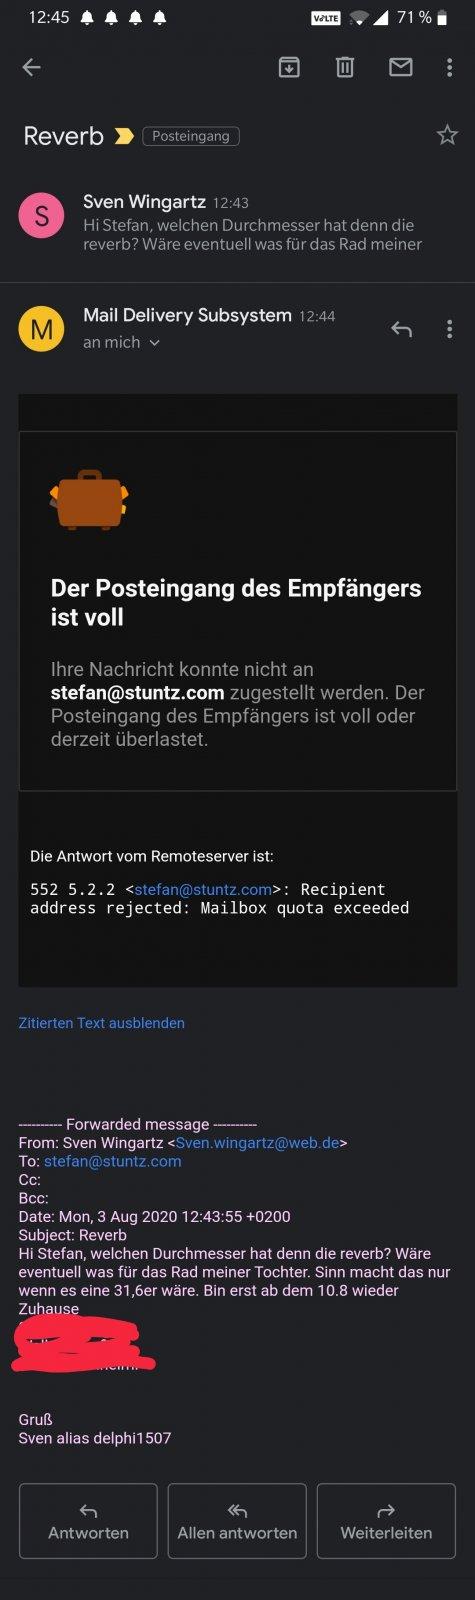 Screenshot_20200803-124559__01.jpg